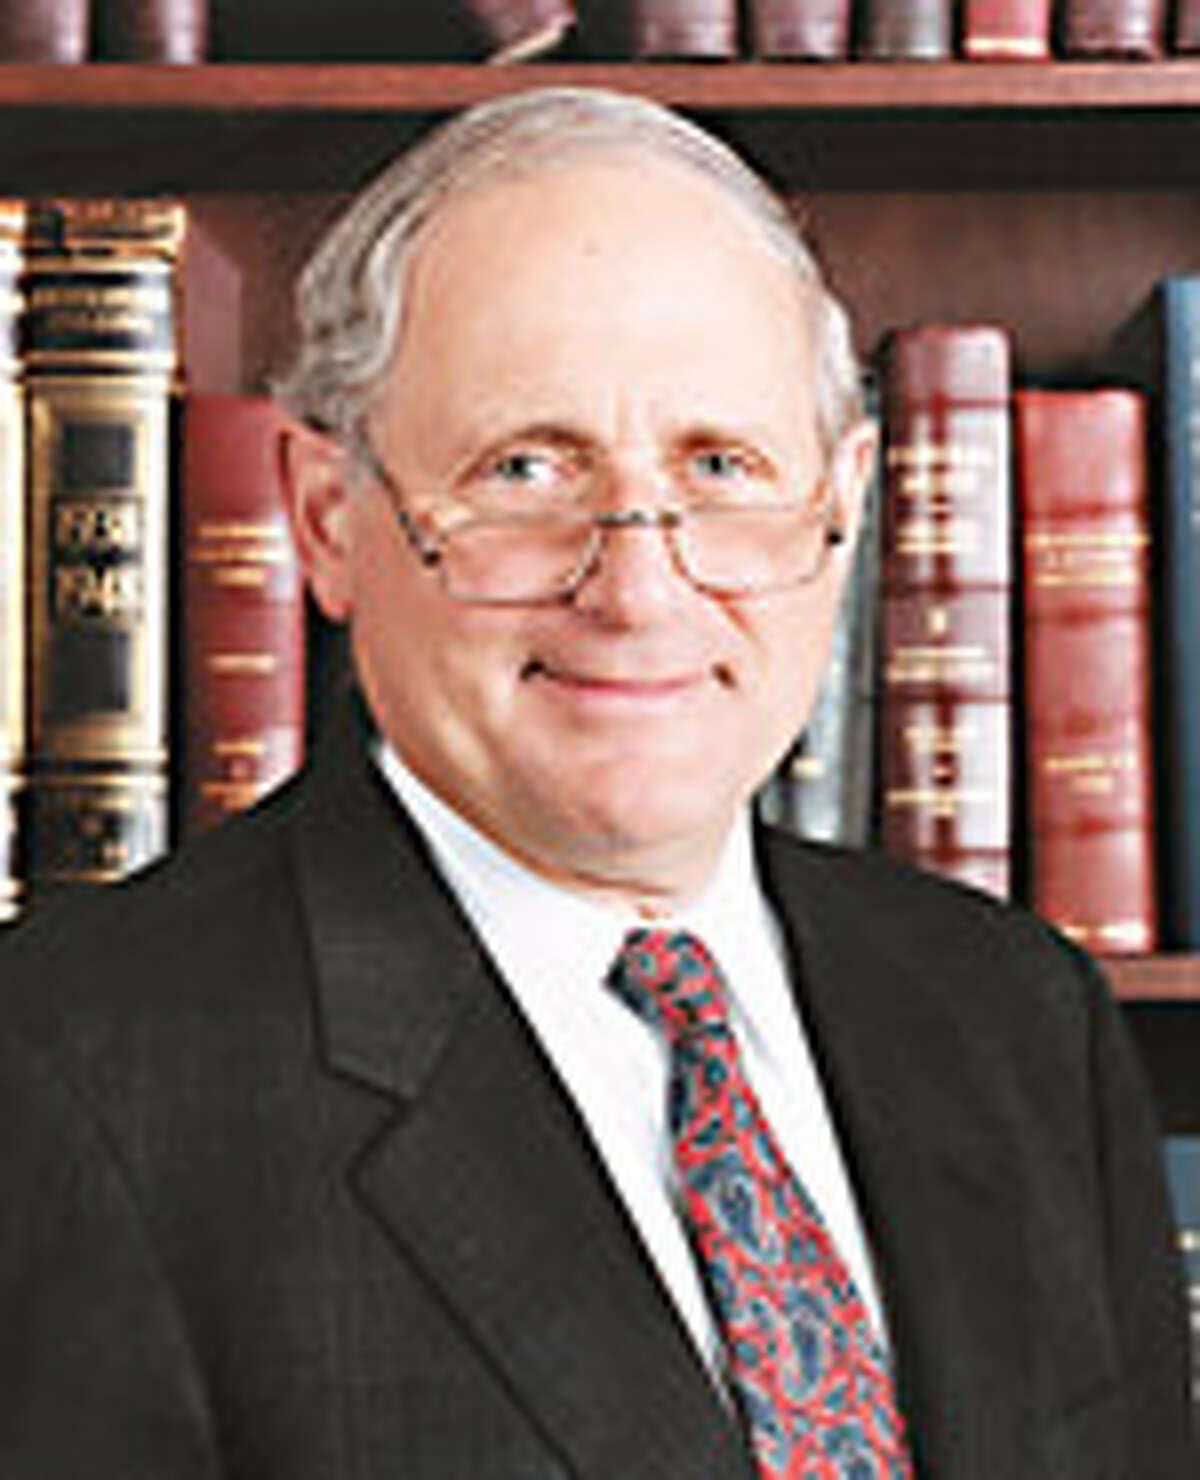 Sen. Carl Levin (D), Michigan